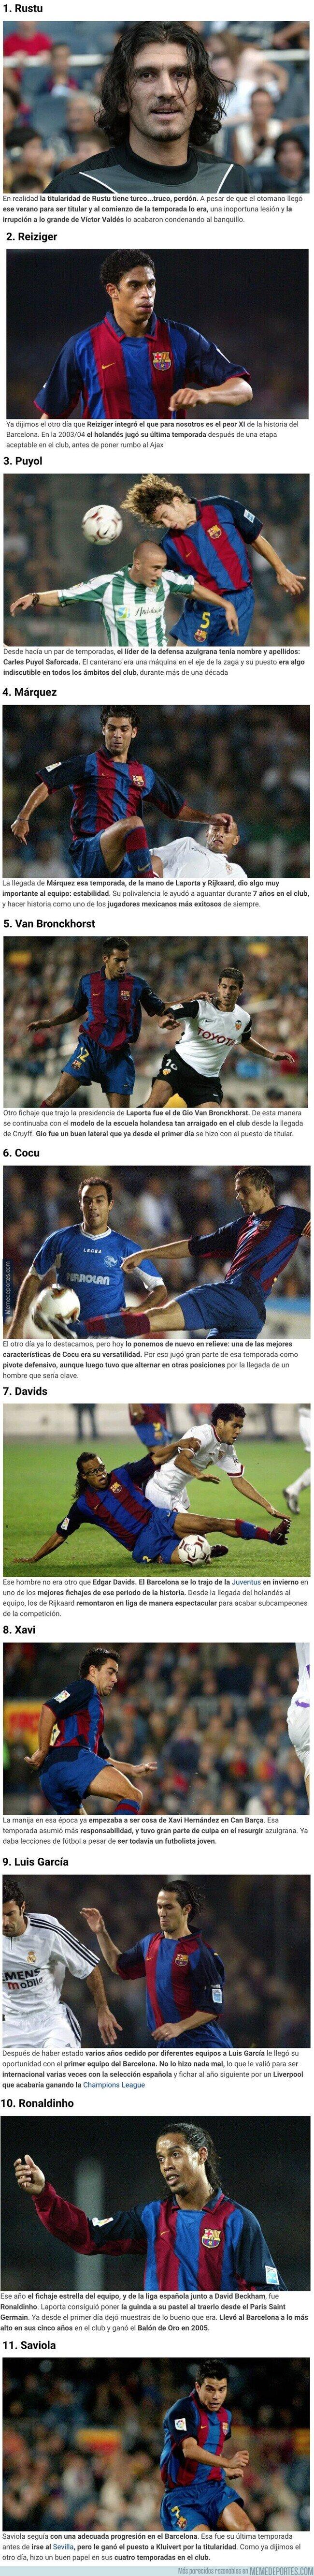 1101906 - Este era el increíble once del Barça cuando Rustu era titular